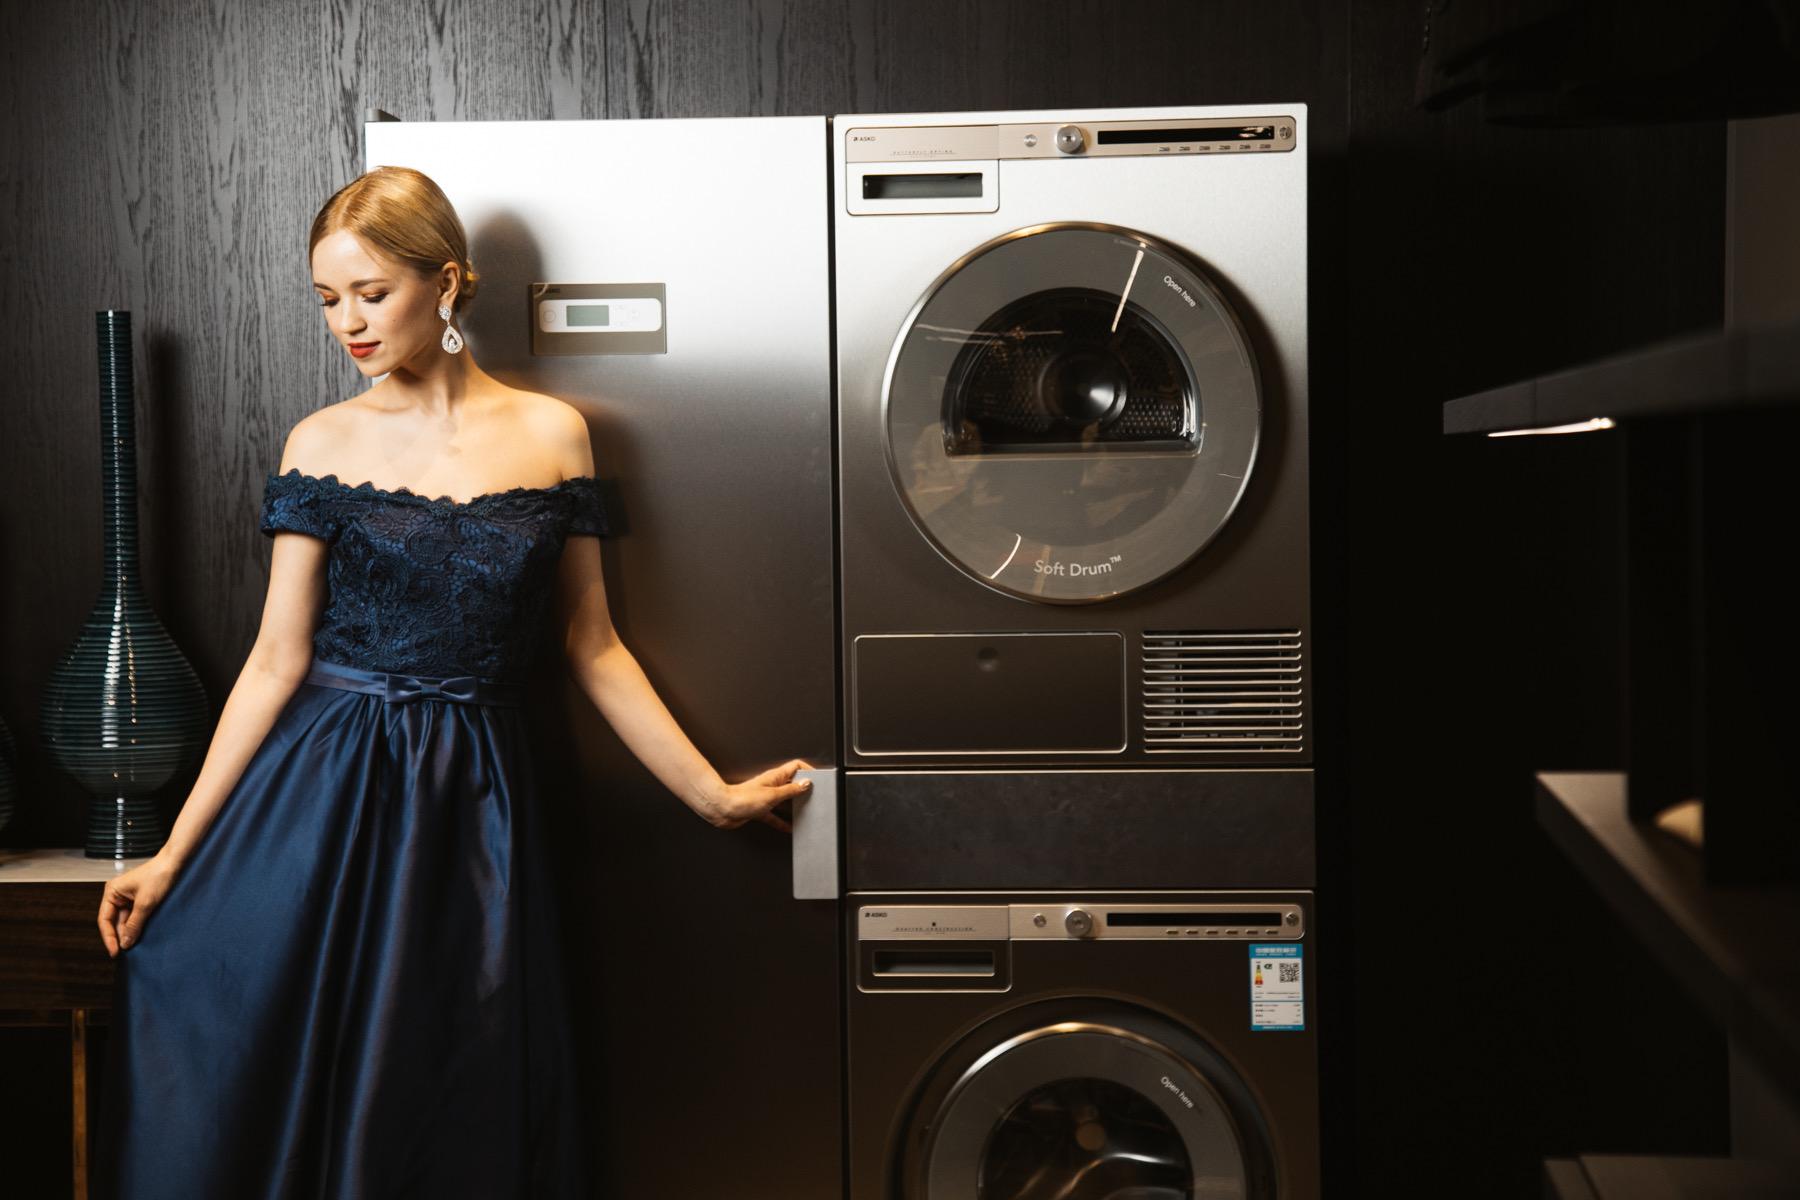 【ASKO雅士高——洗衣房系列产品】